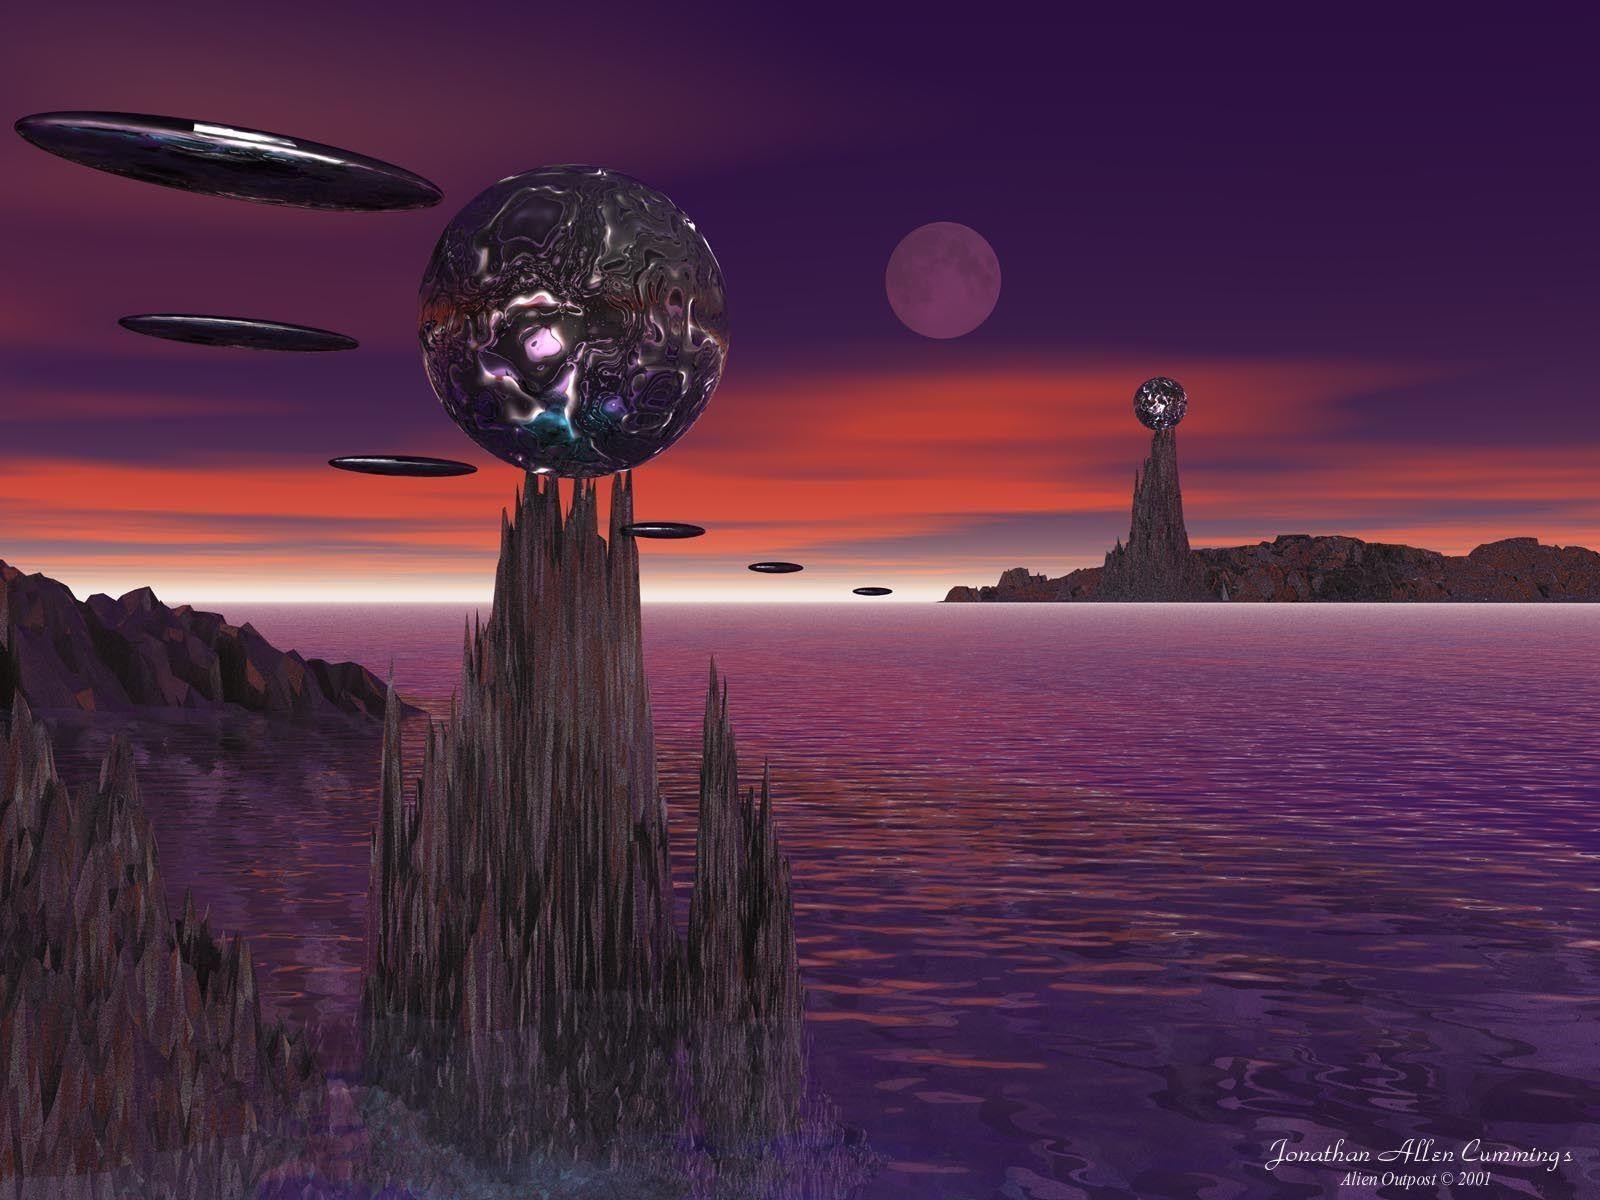 Hình 3D Alienoutpost